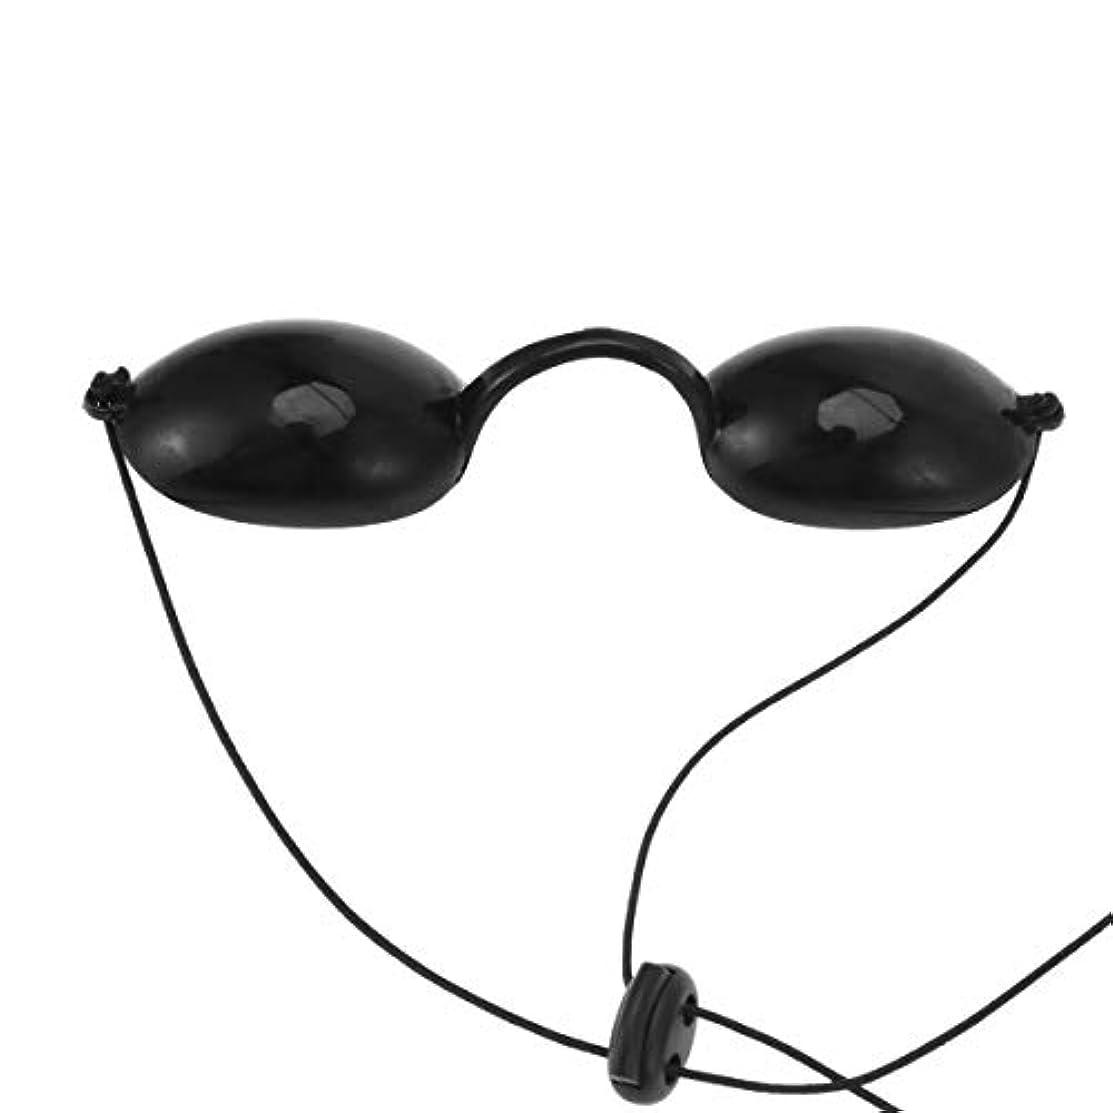 男やもめ引き金ルールHealifty 眼用保護具日焼け止めゴーグル不透明保護メガネアイシールドスペシャル(目黒)